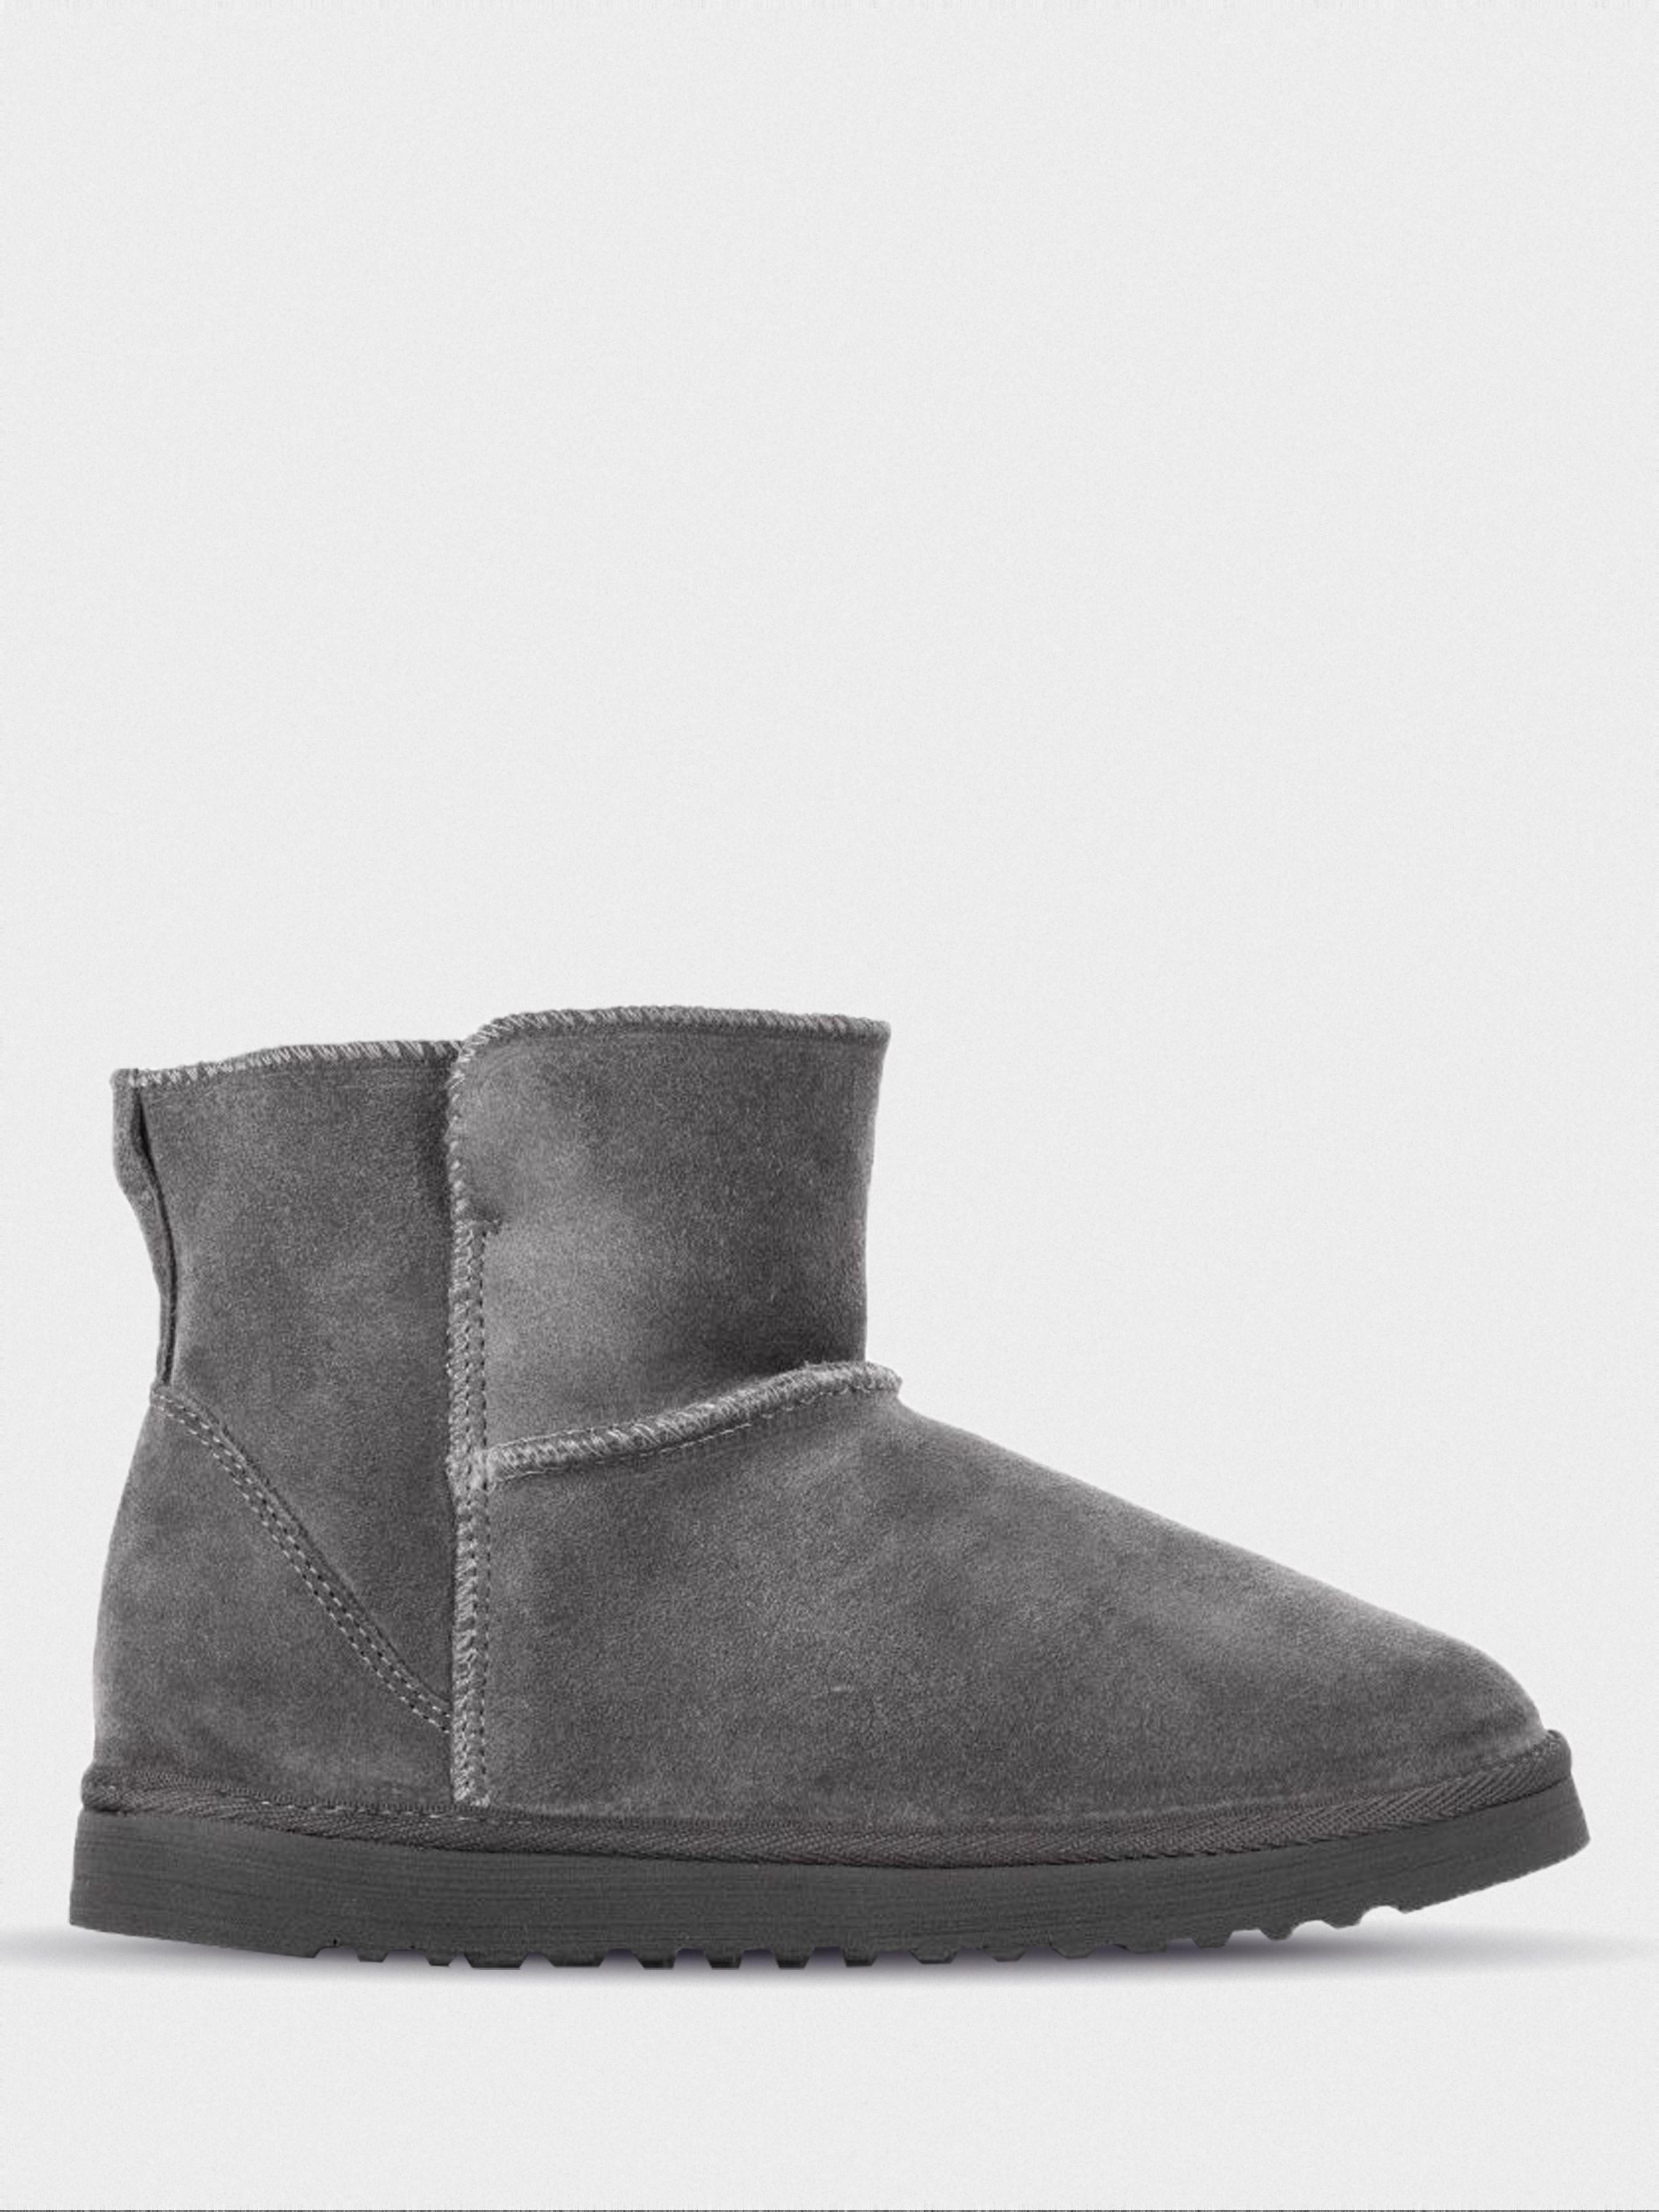 Ботинки женские Braska Inblu 2S28 размерная сетка обуви, 2017